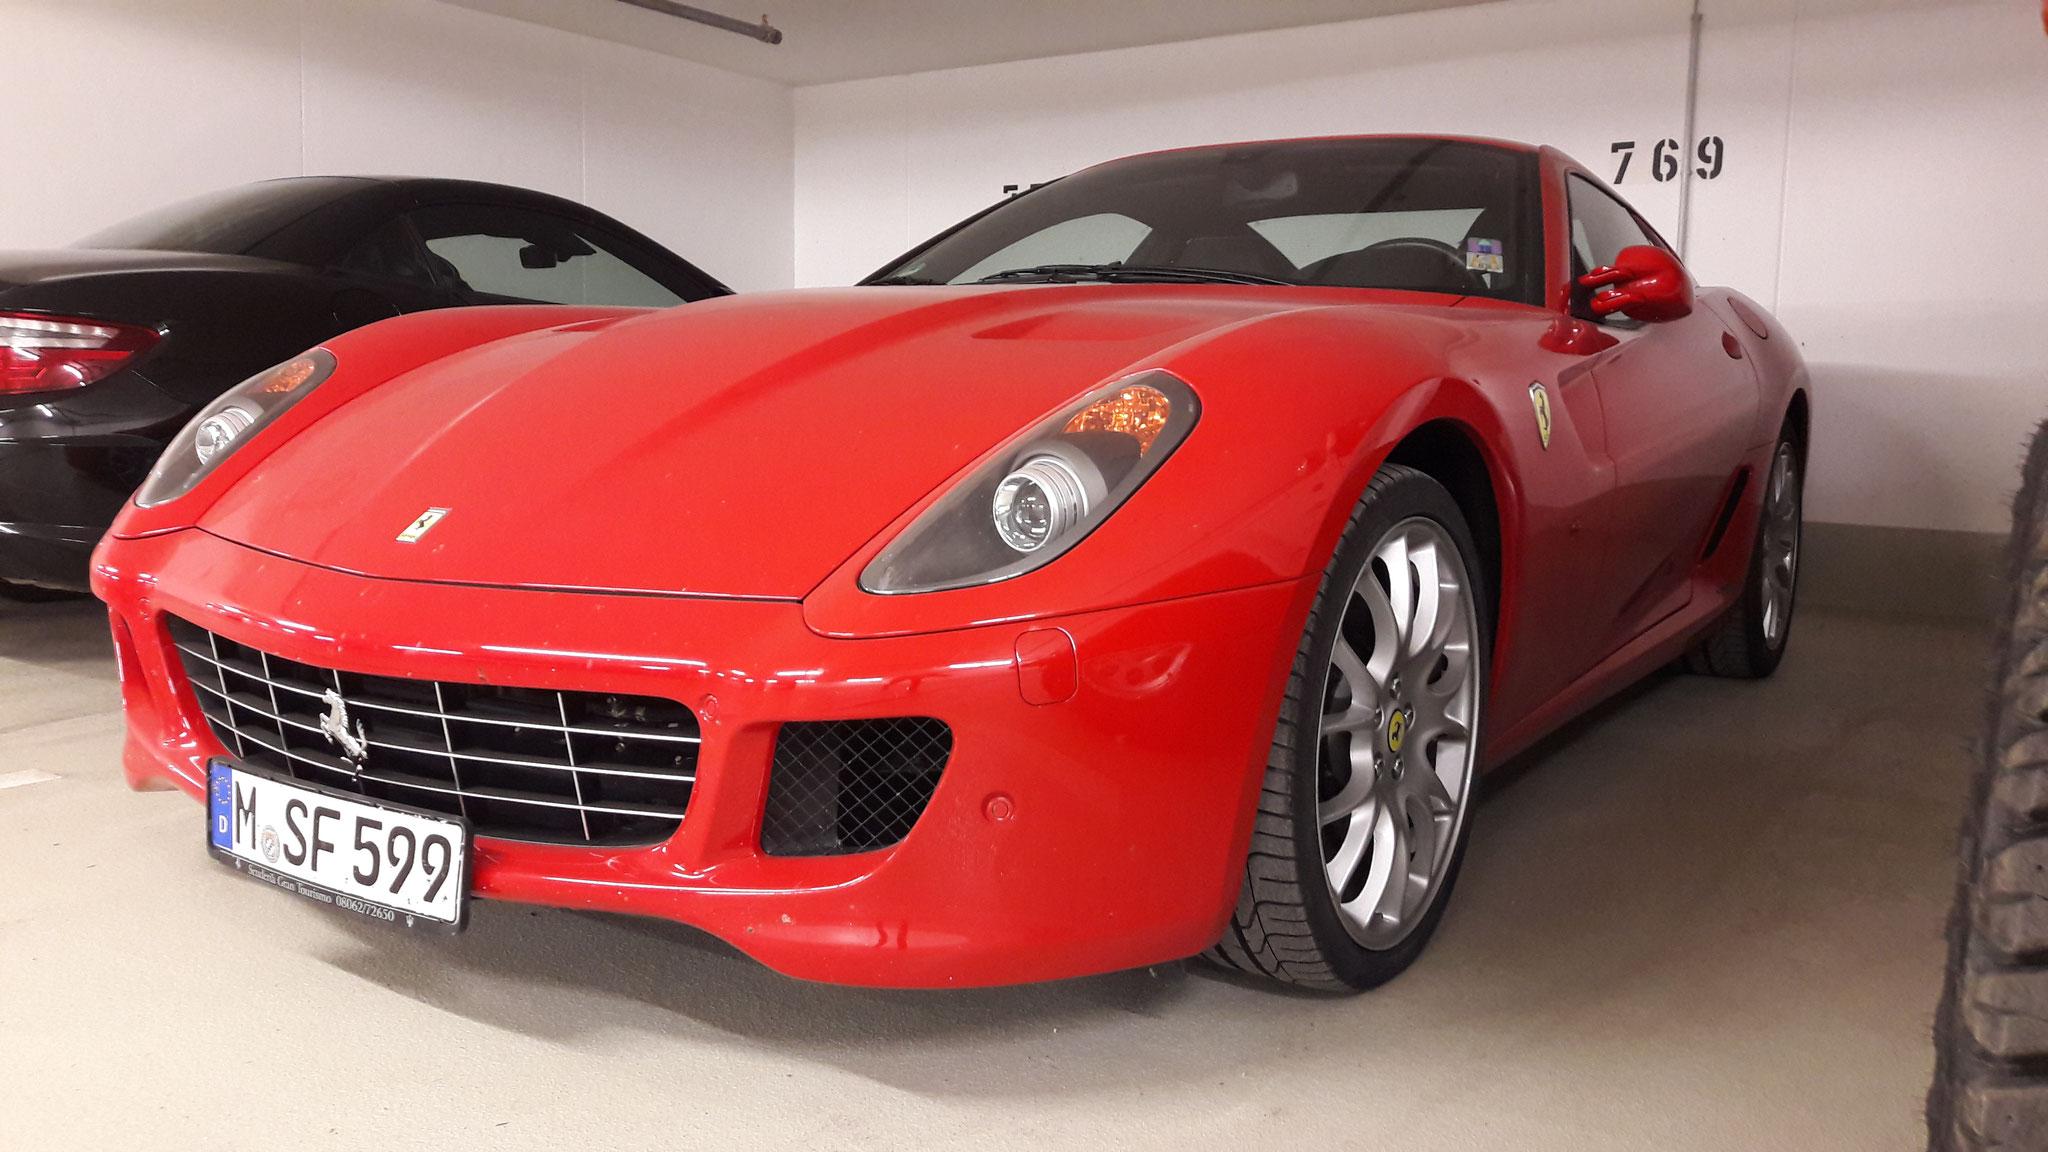 Ferrari 599 GTB - M-SF-599